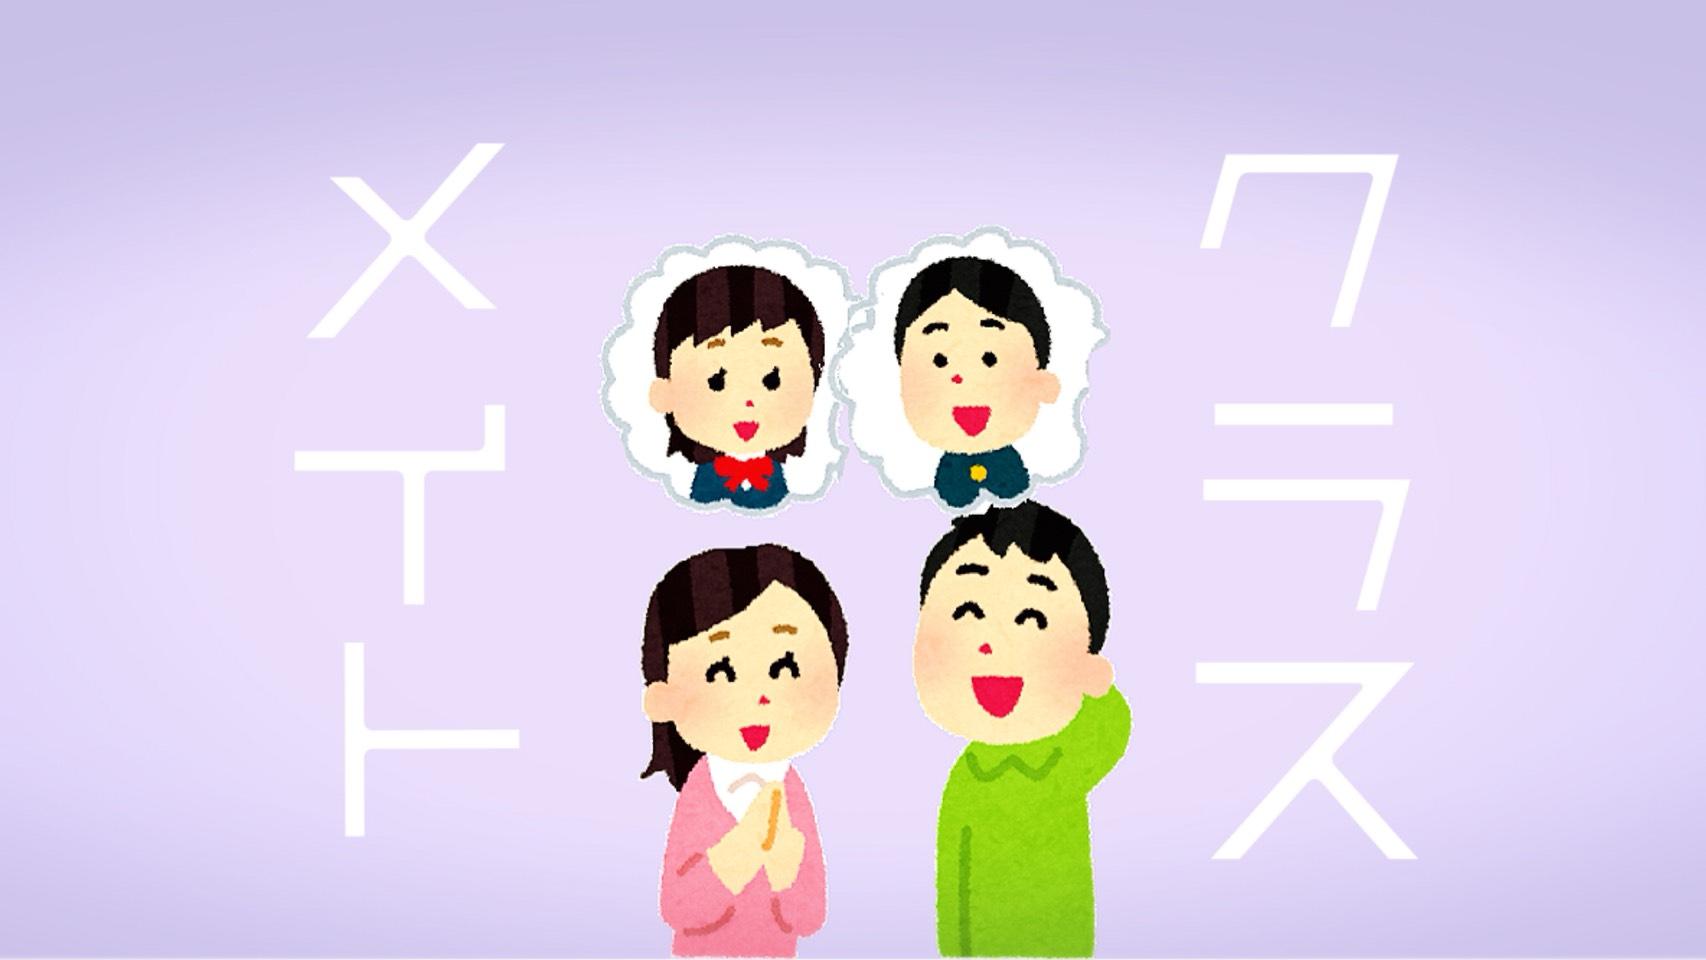 「クラスメイト」のイメージ